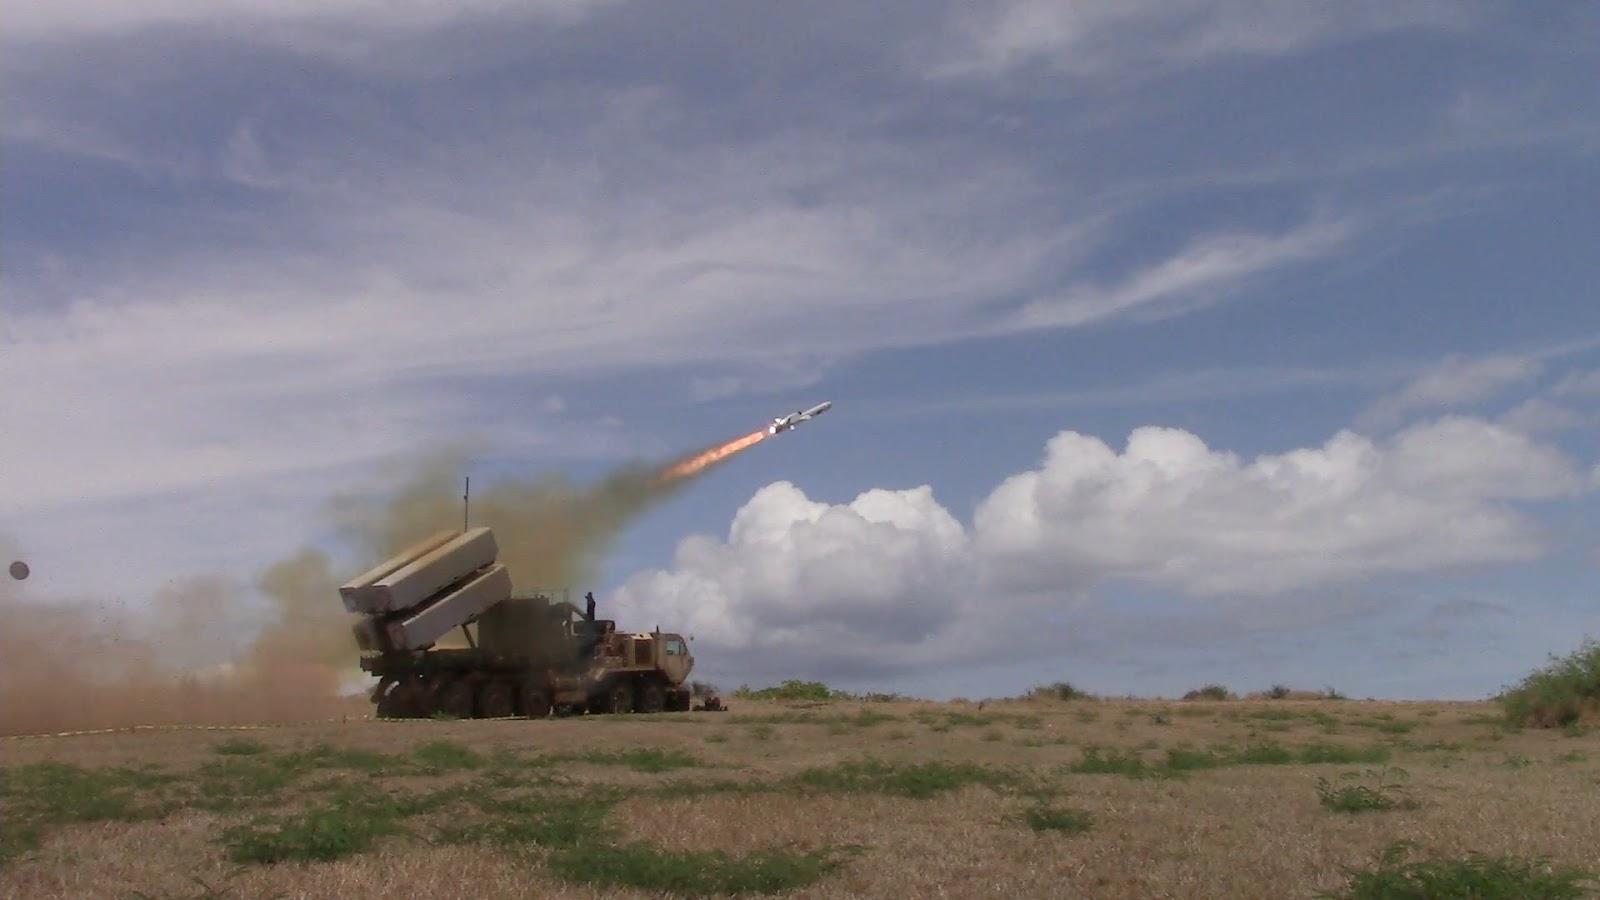 США обескуражили войска России в Крыму запуском ракет дальнего радиуса